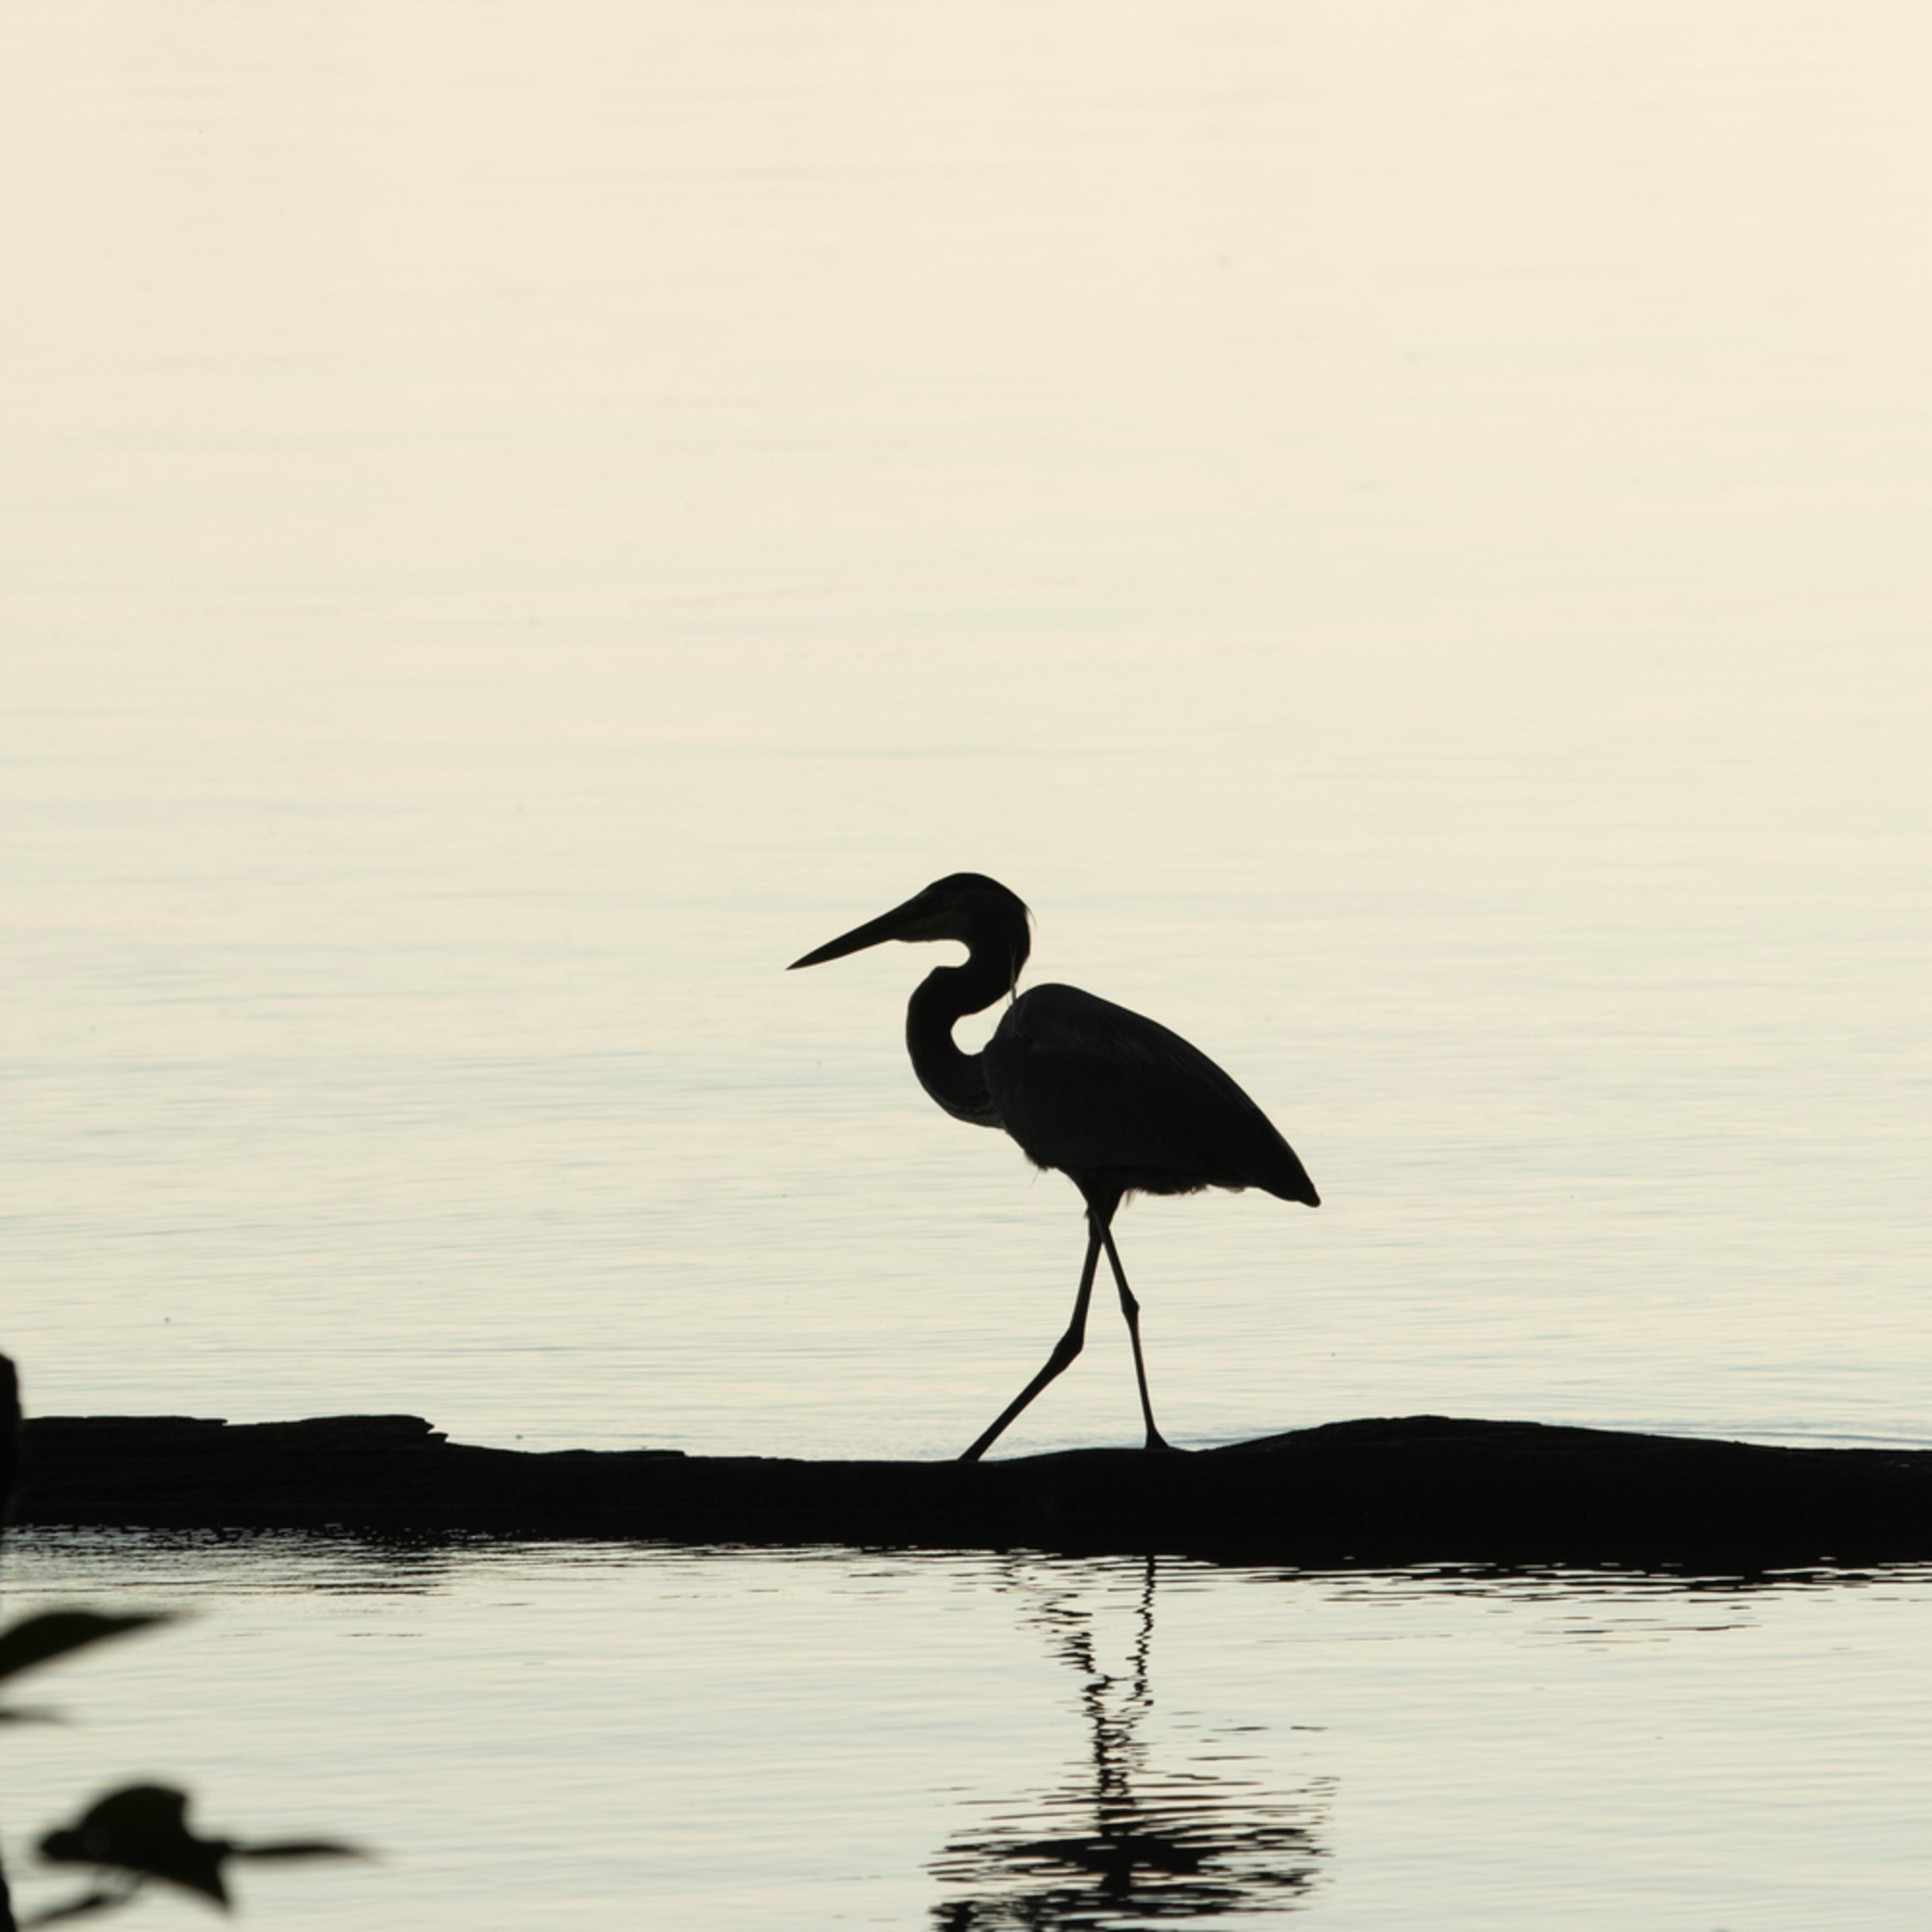 Heron silhouettes mg 7524 srm20 r6i99k